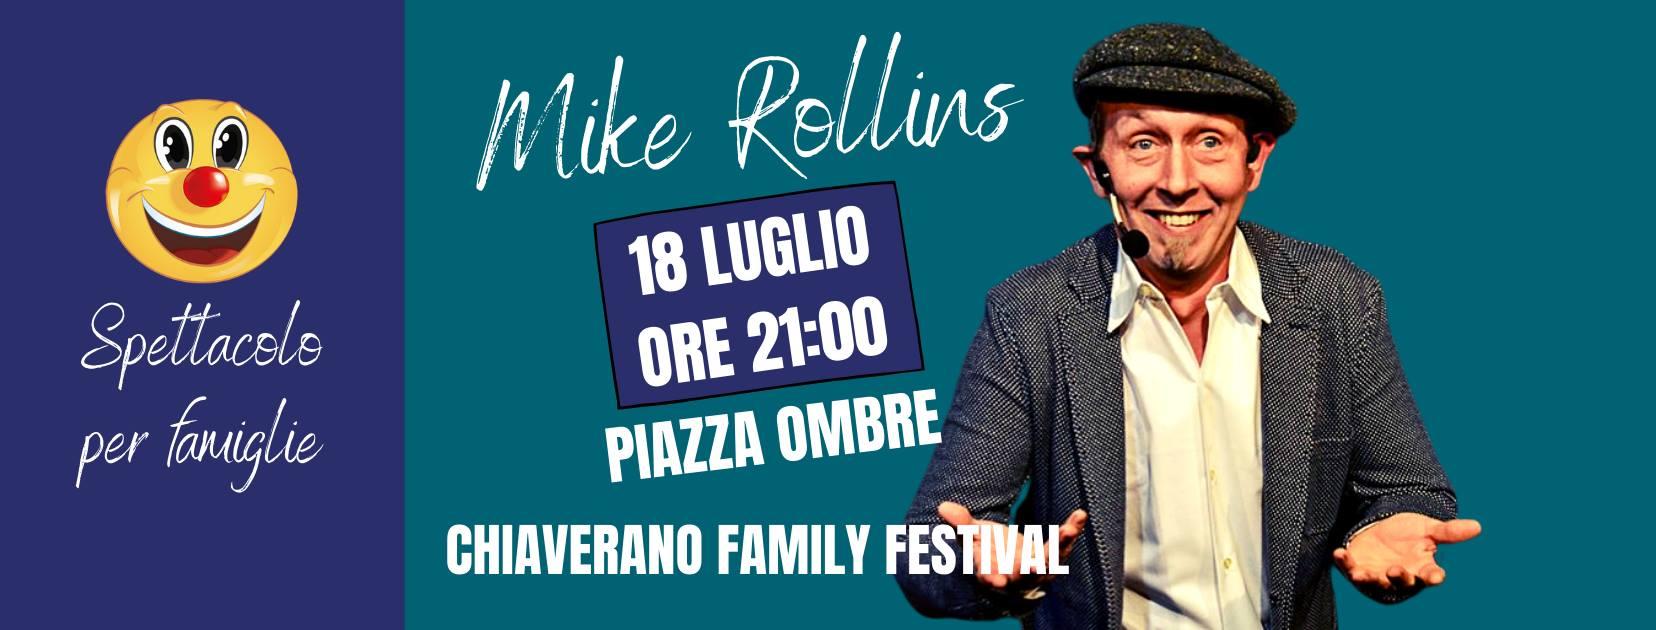 Mike Rollins @ Chiaverano